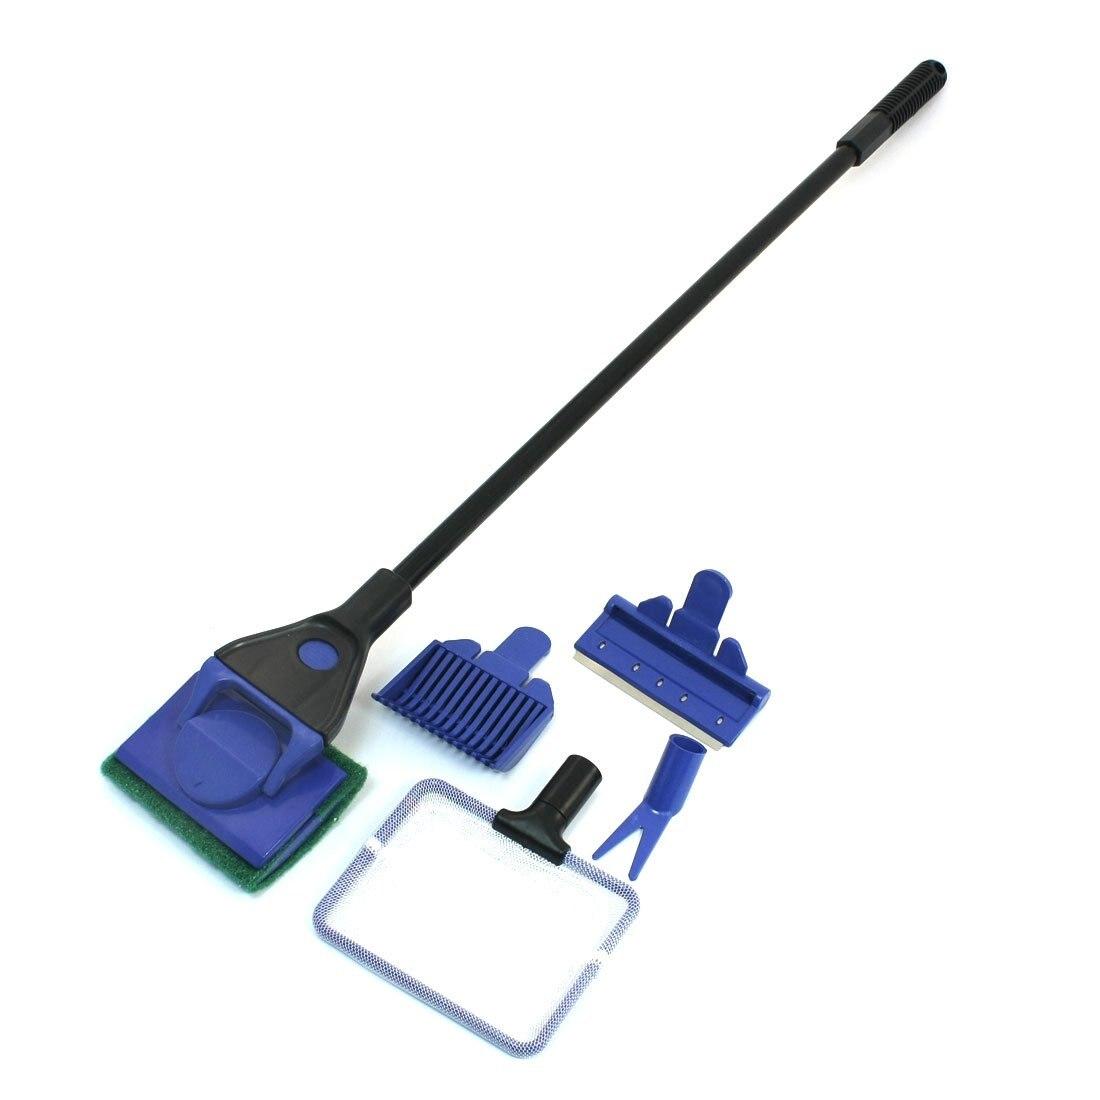 Blue Black Nonslip Handle Net Aquarium Tank Cleaning Tool Cleaner Sets|aquarium tank clean set|aquarium cleaning set|aquarium cleaning - title=